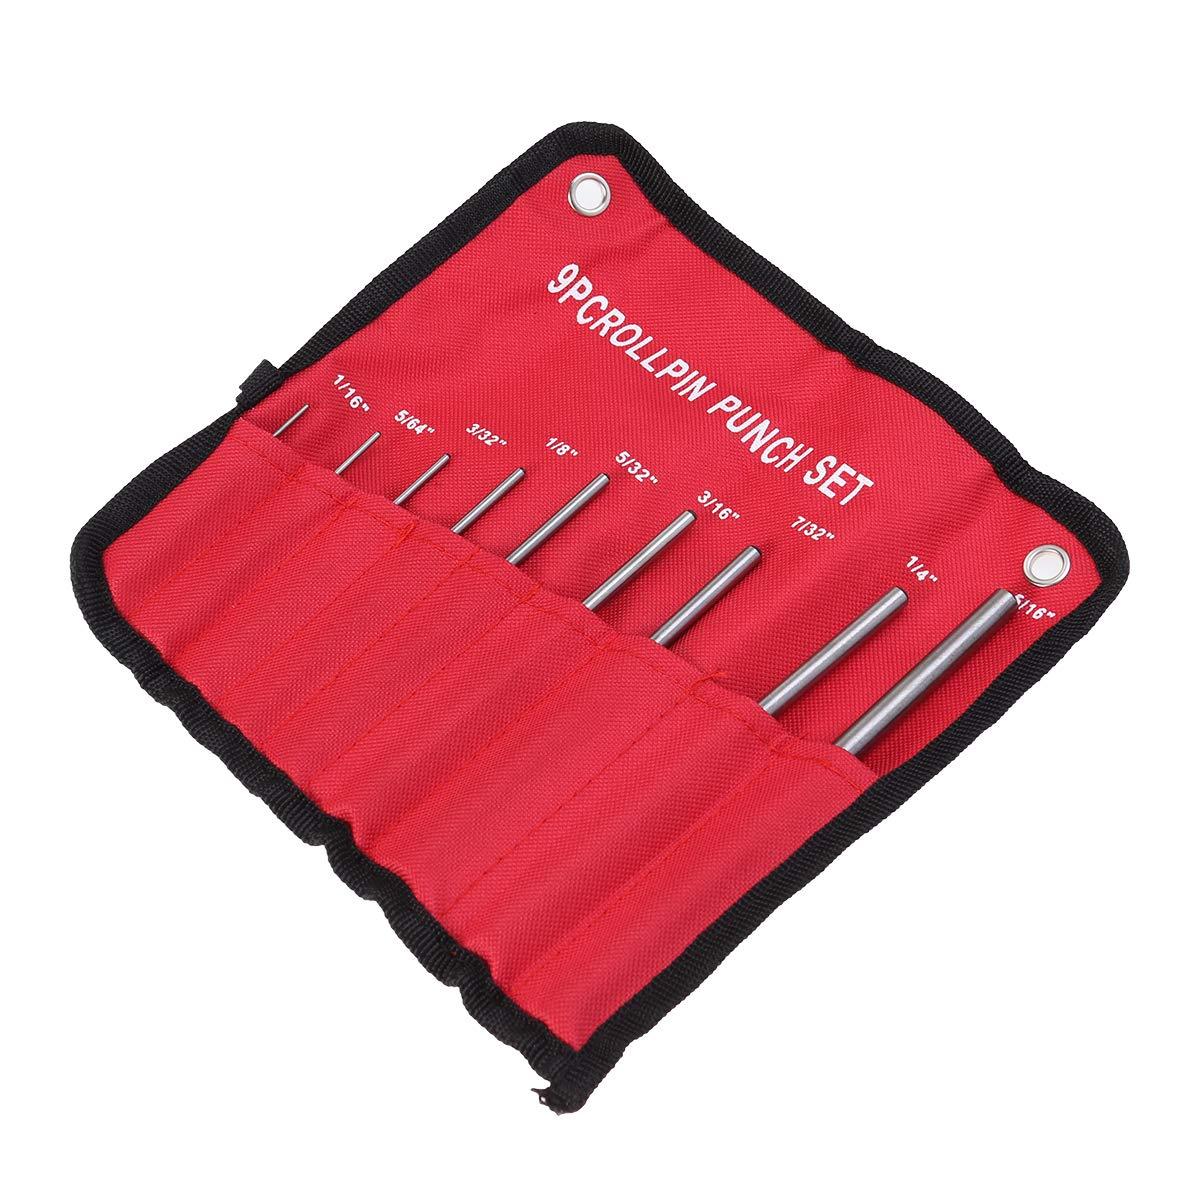 Yardwe 9 teile//satz rolle pin punch set ar-15 m4 m16 glock demontage wartung kit schmuck uhren gewehr verwenden kit